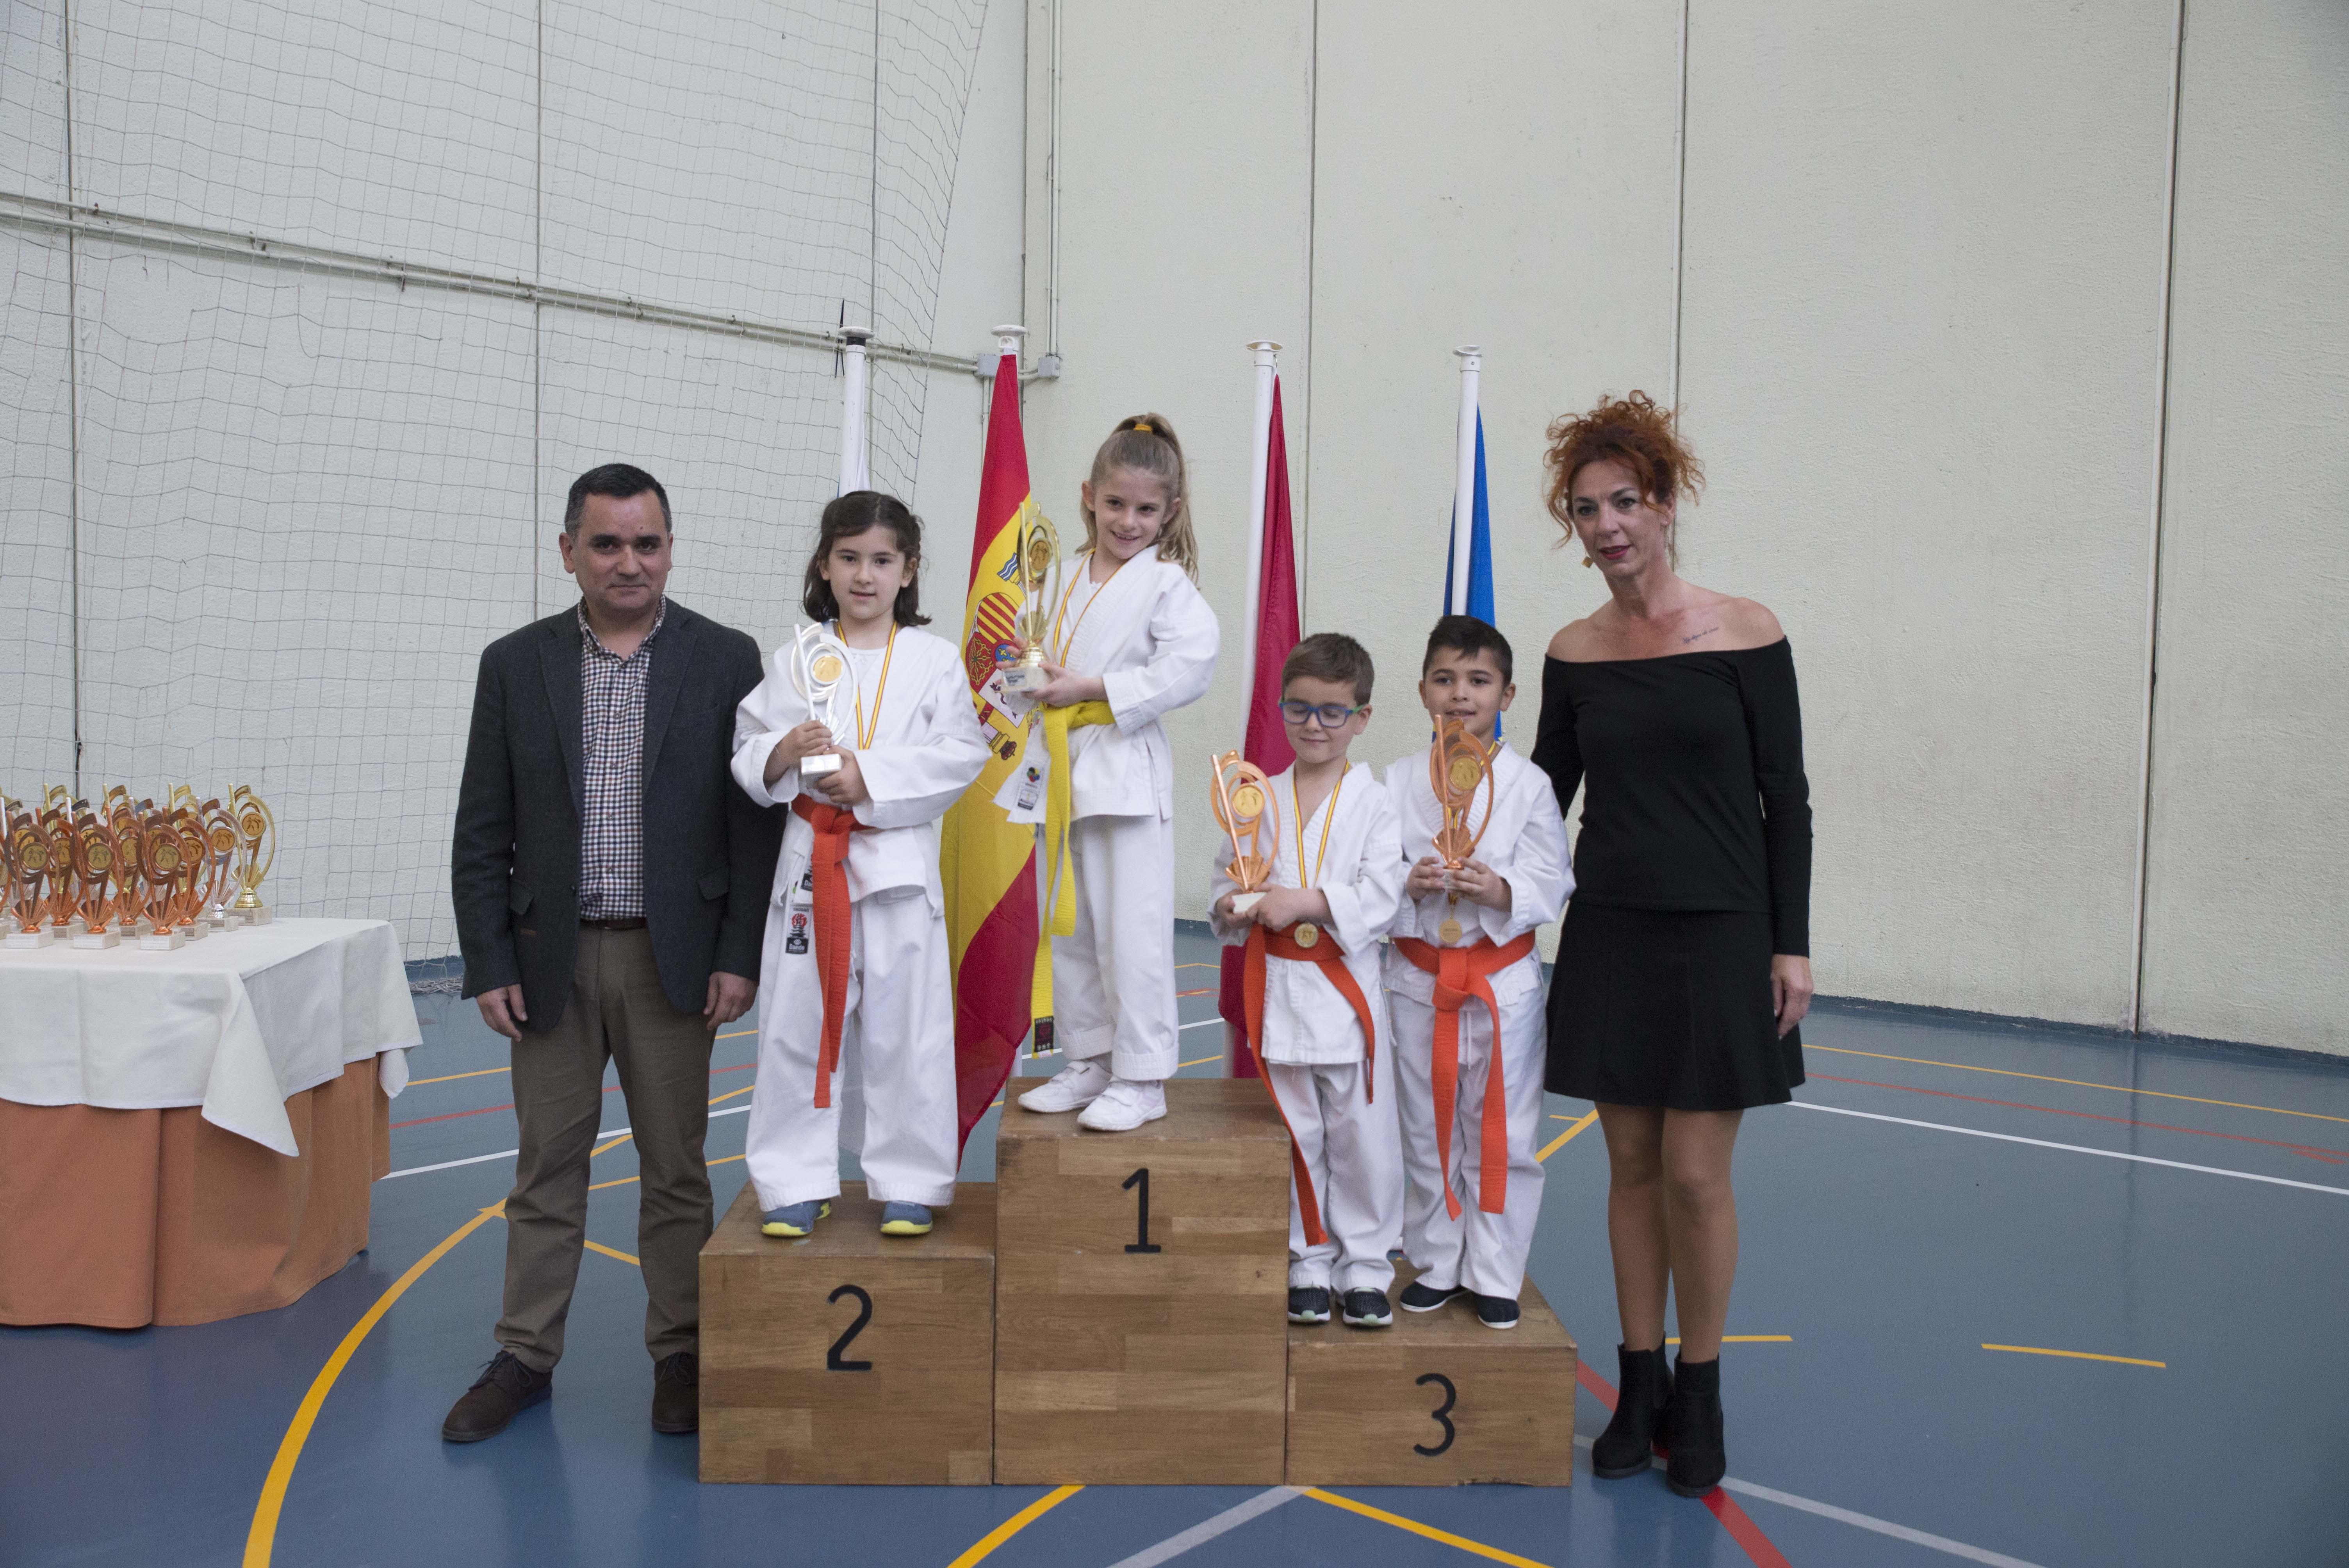 300 karatekas participaron en el Campeonato de Primavera de Karate de Velilla